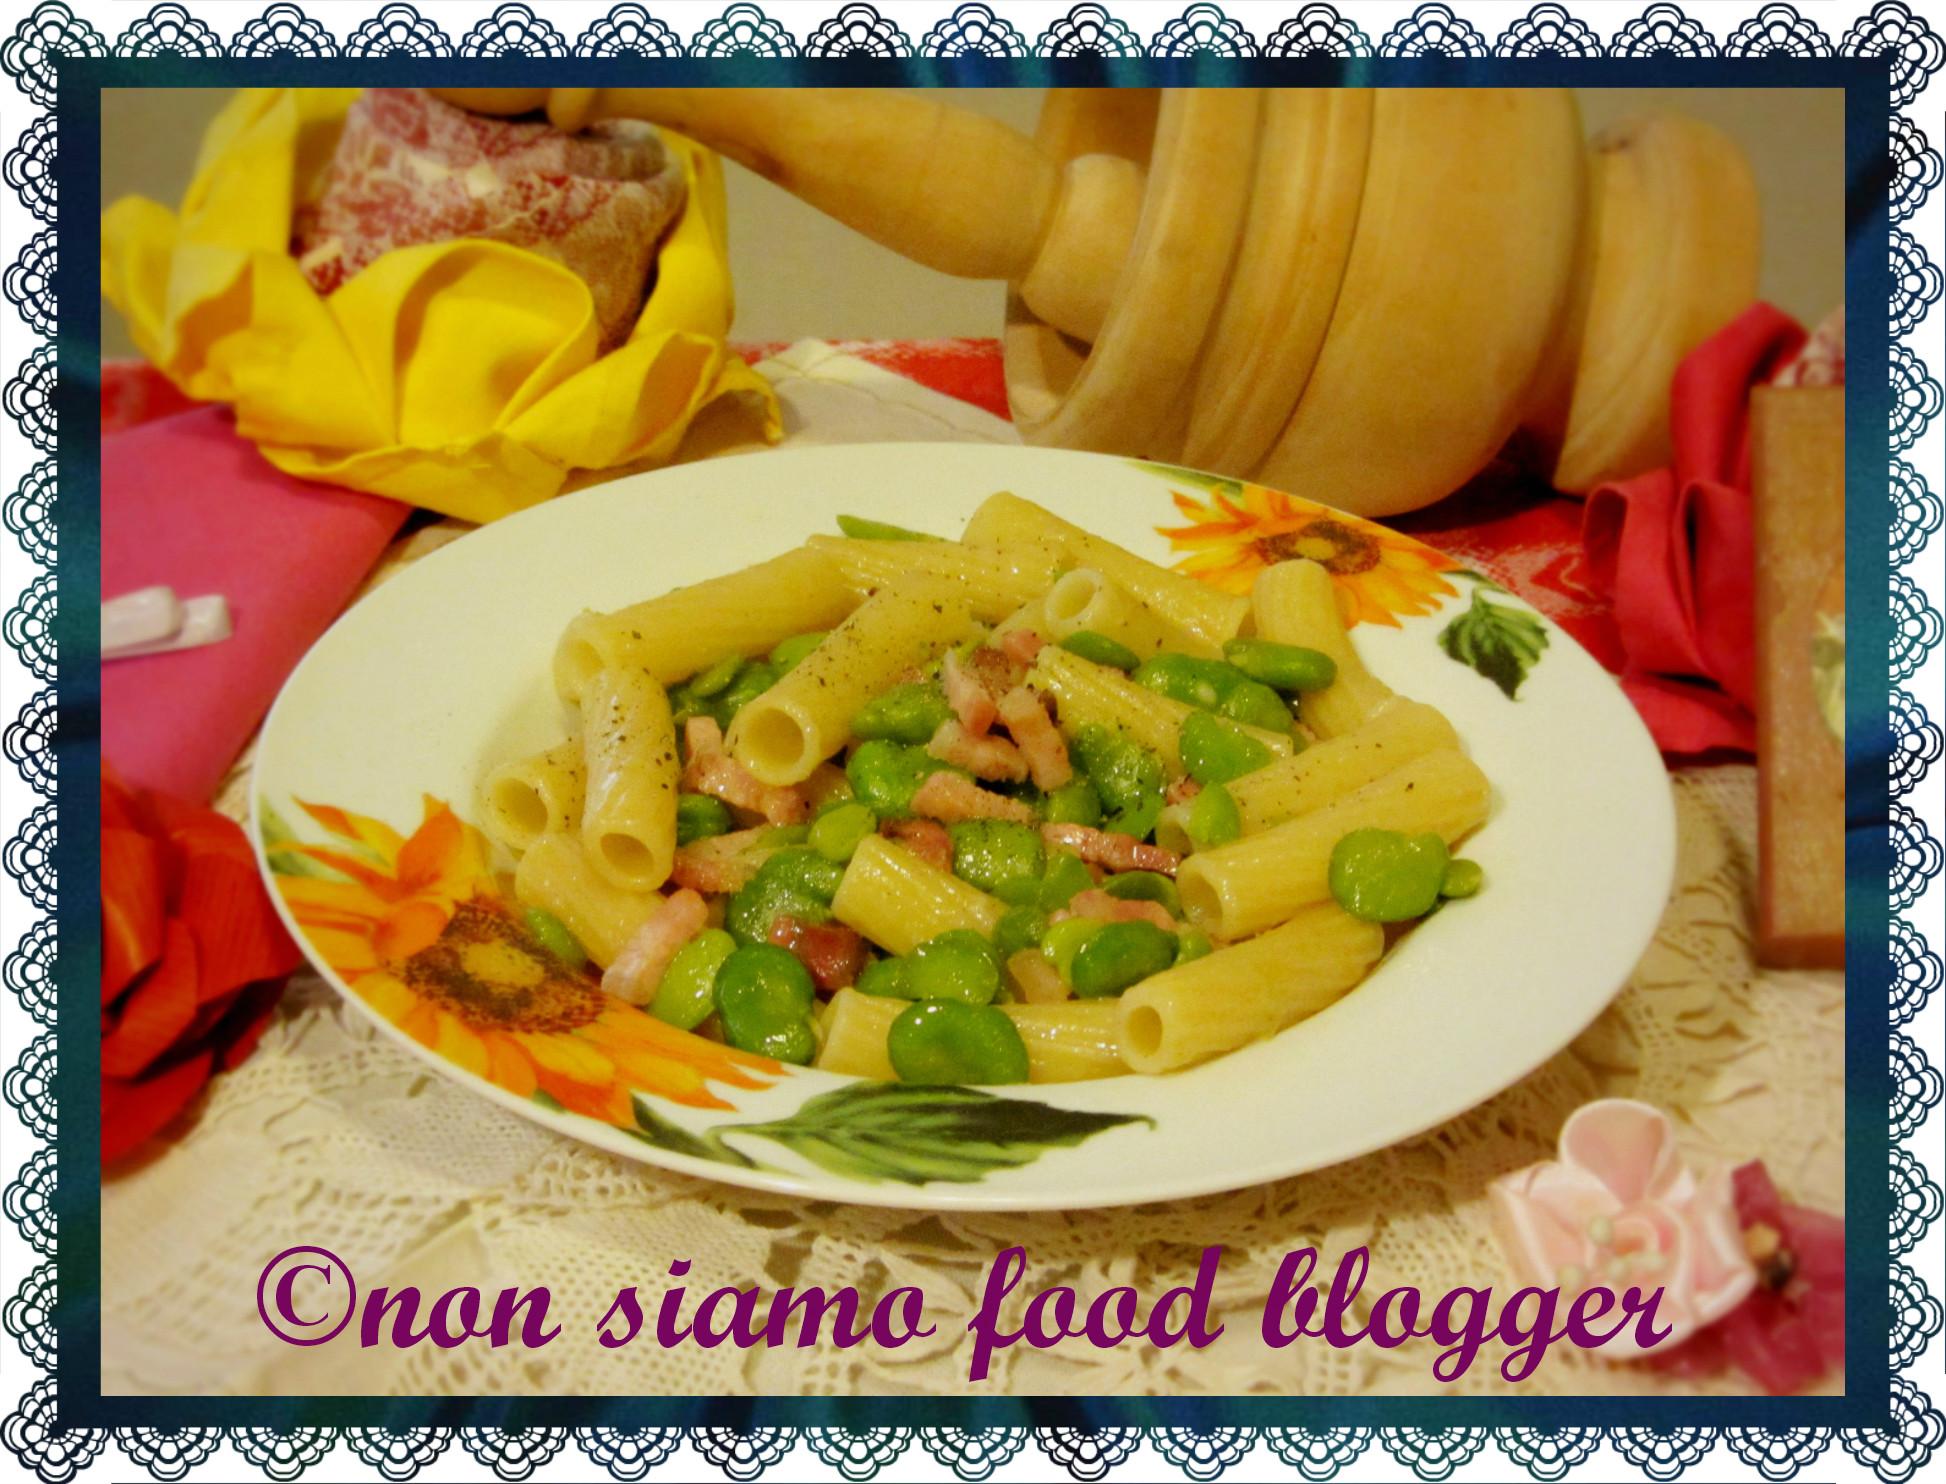 Primi piatti gustosi nonsiamofoodblogger for Primi piatti romani